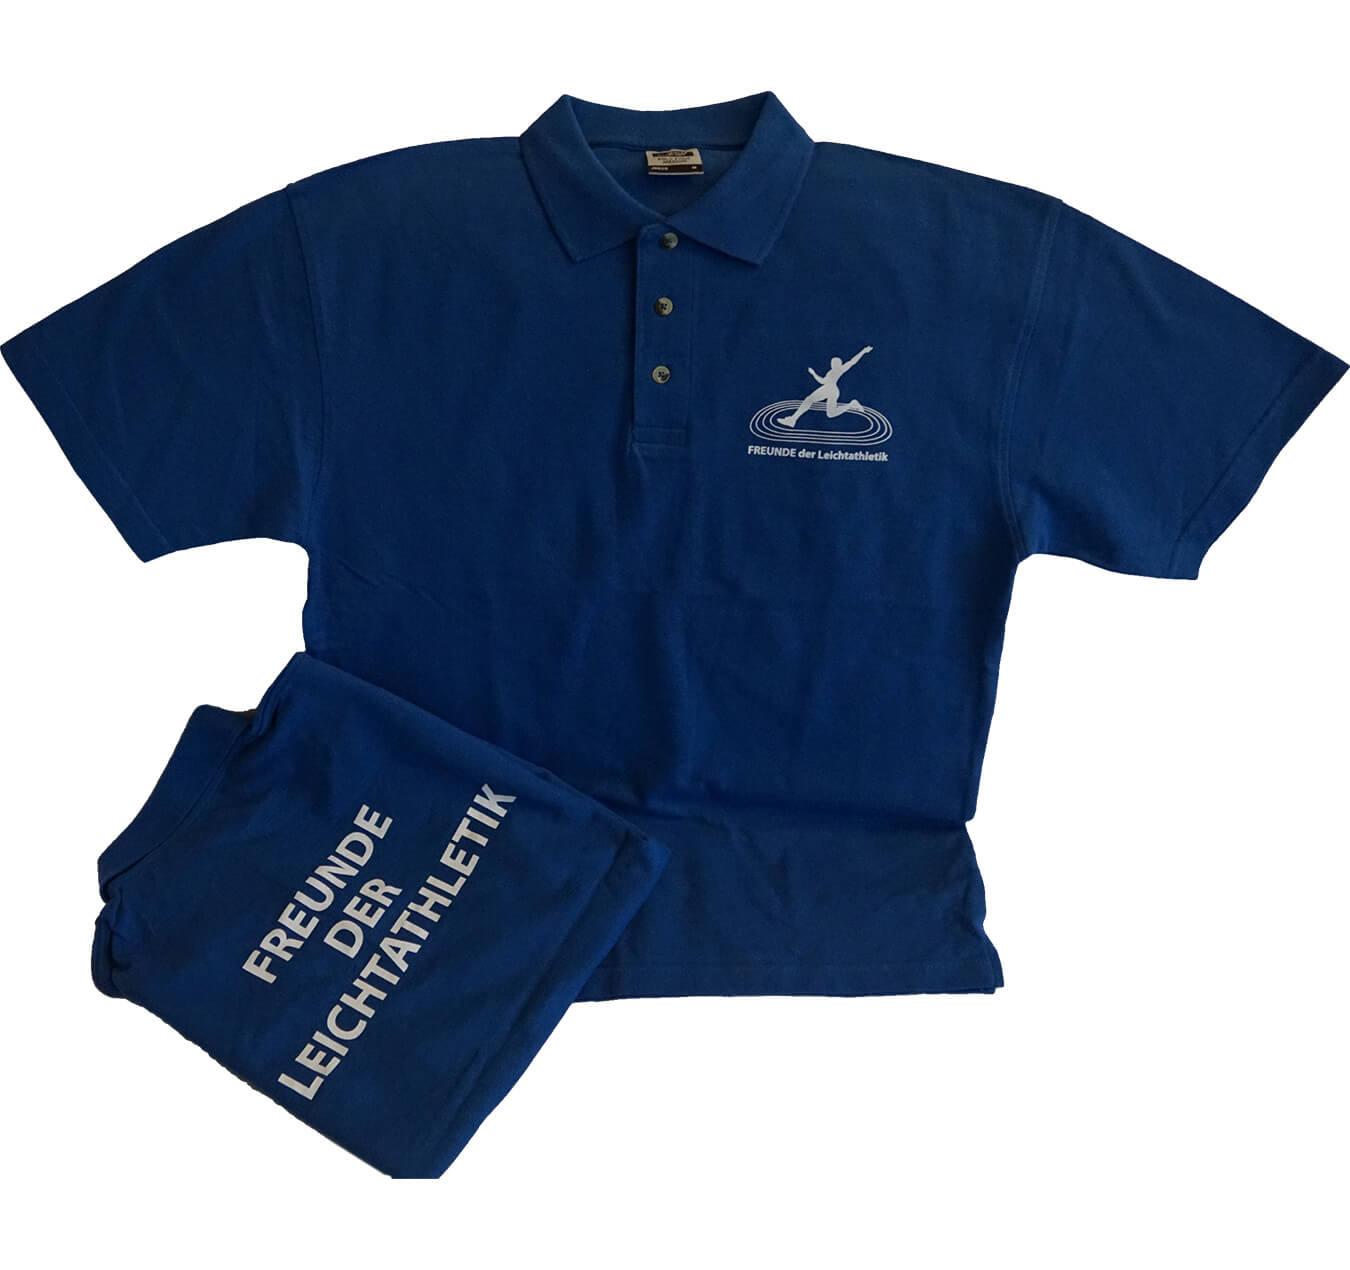 FREUNDE-Accessoires – Polo-Shirt